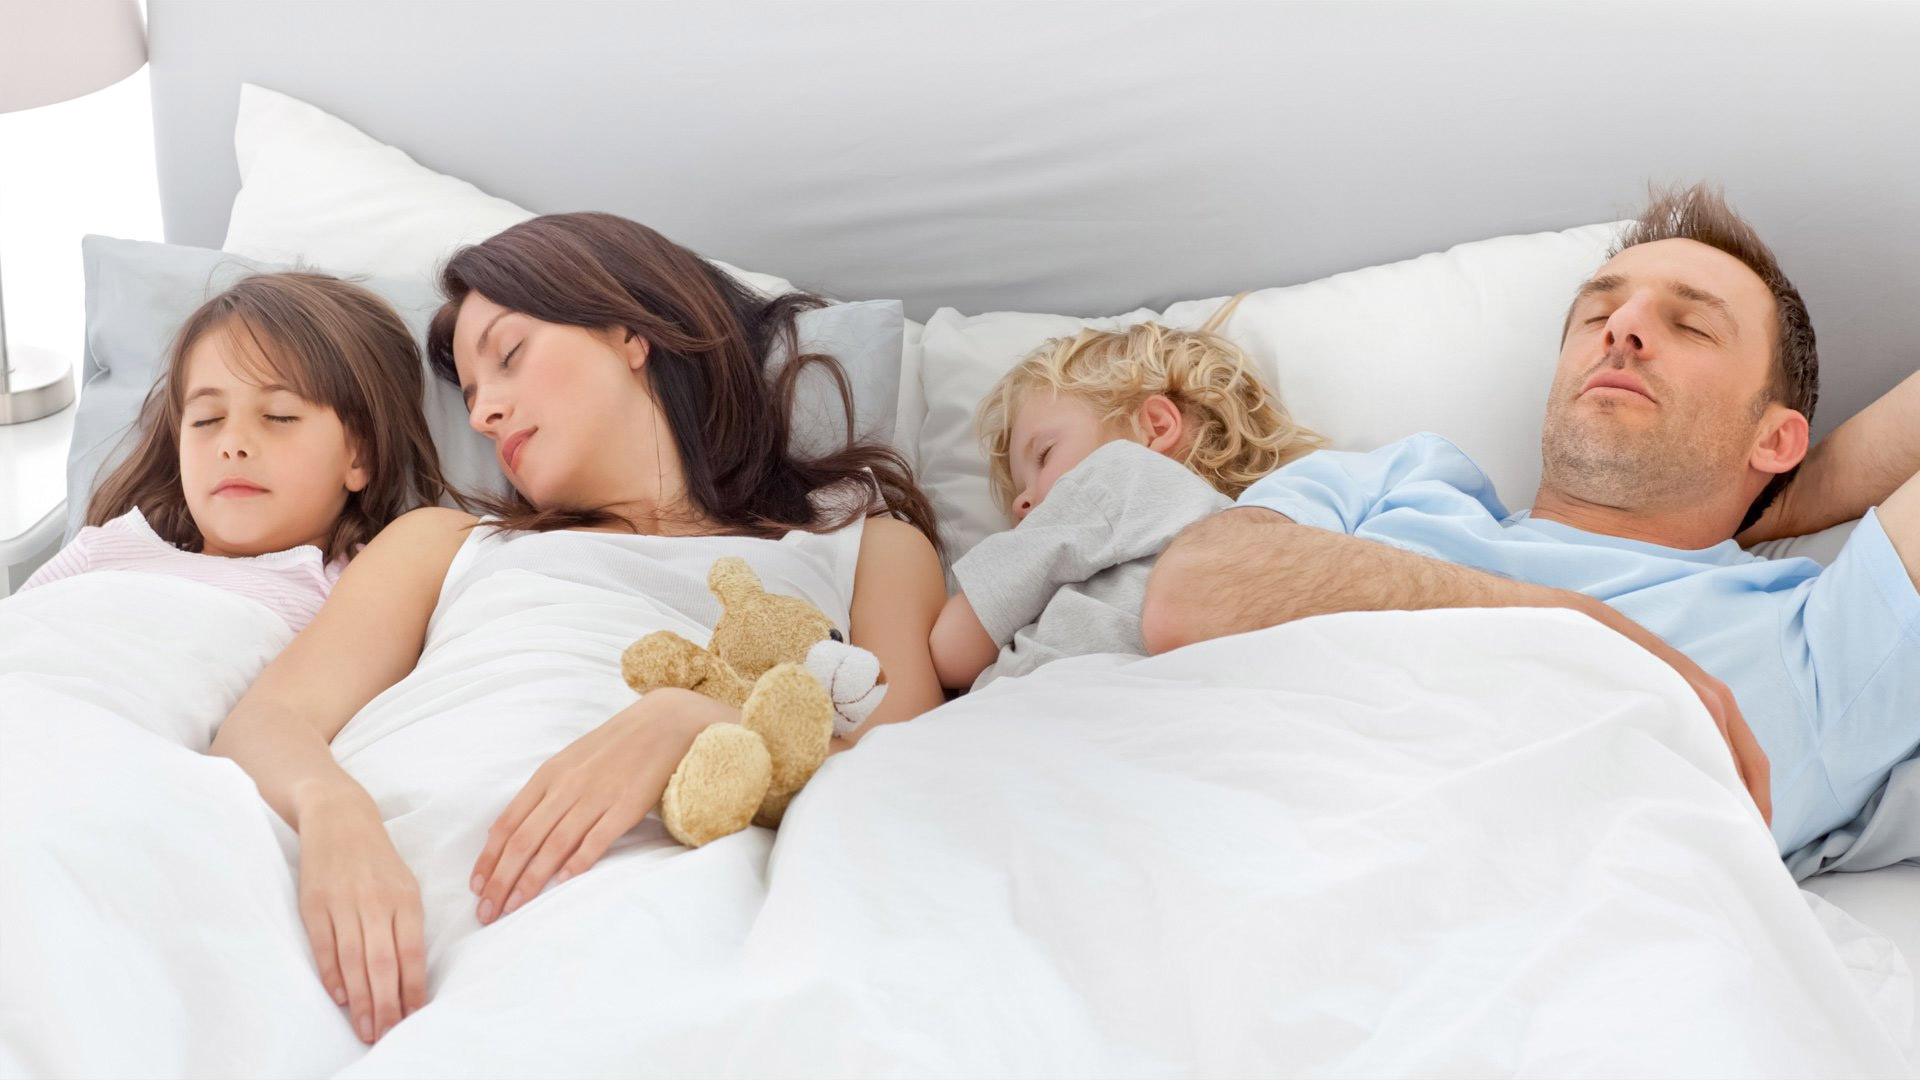 Πόσο σημαντικός είναι ο ύπνος για την ψυχική και σωματική μας υγεία – Συνέντευξη στο Αθηναϊκό πρακτορείο